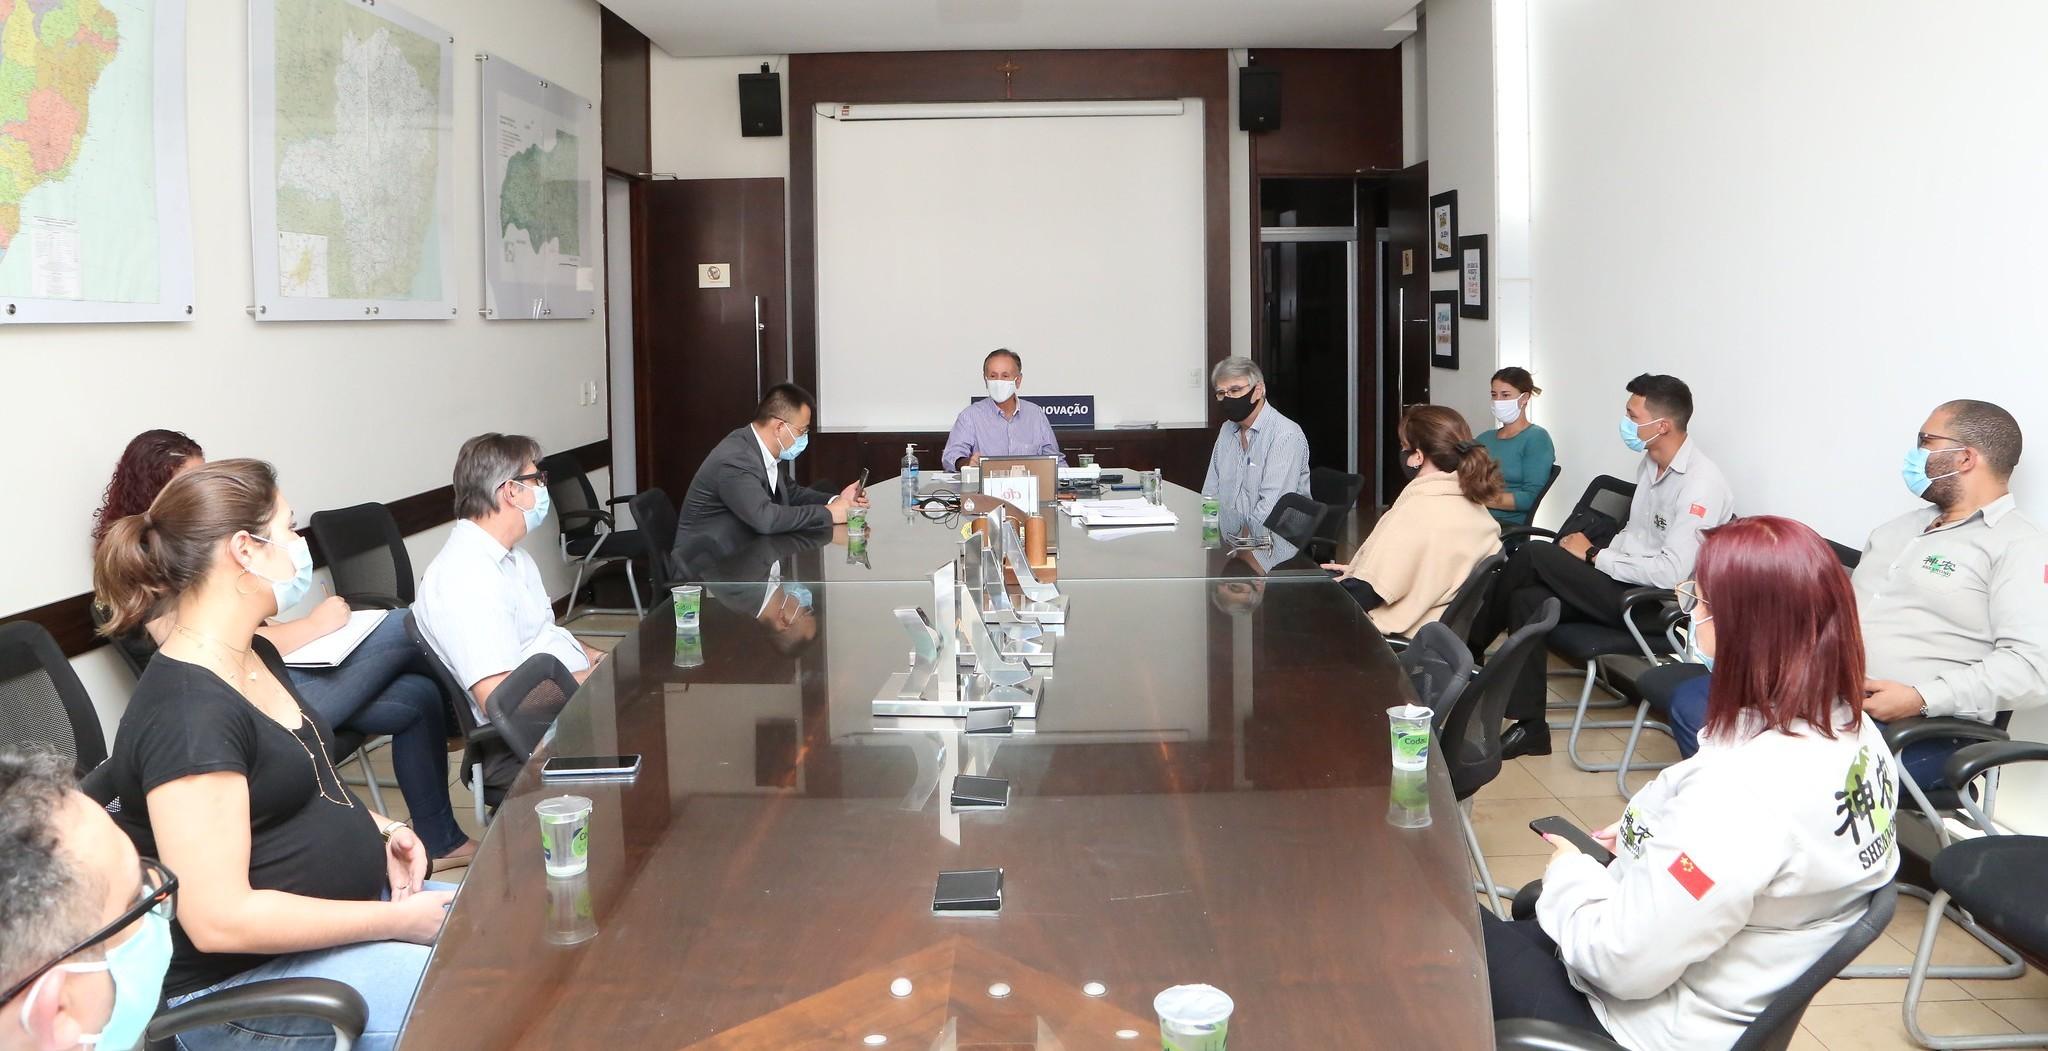 Fabricante de drones e empresa de fertilizantes assinam protocolo de intenções com a Prefeitura de Uberaba para investimentos